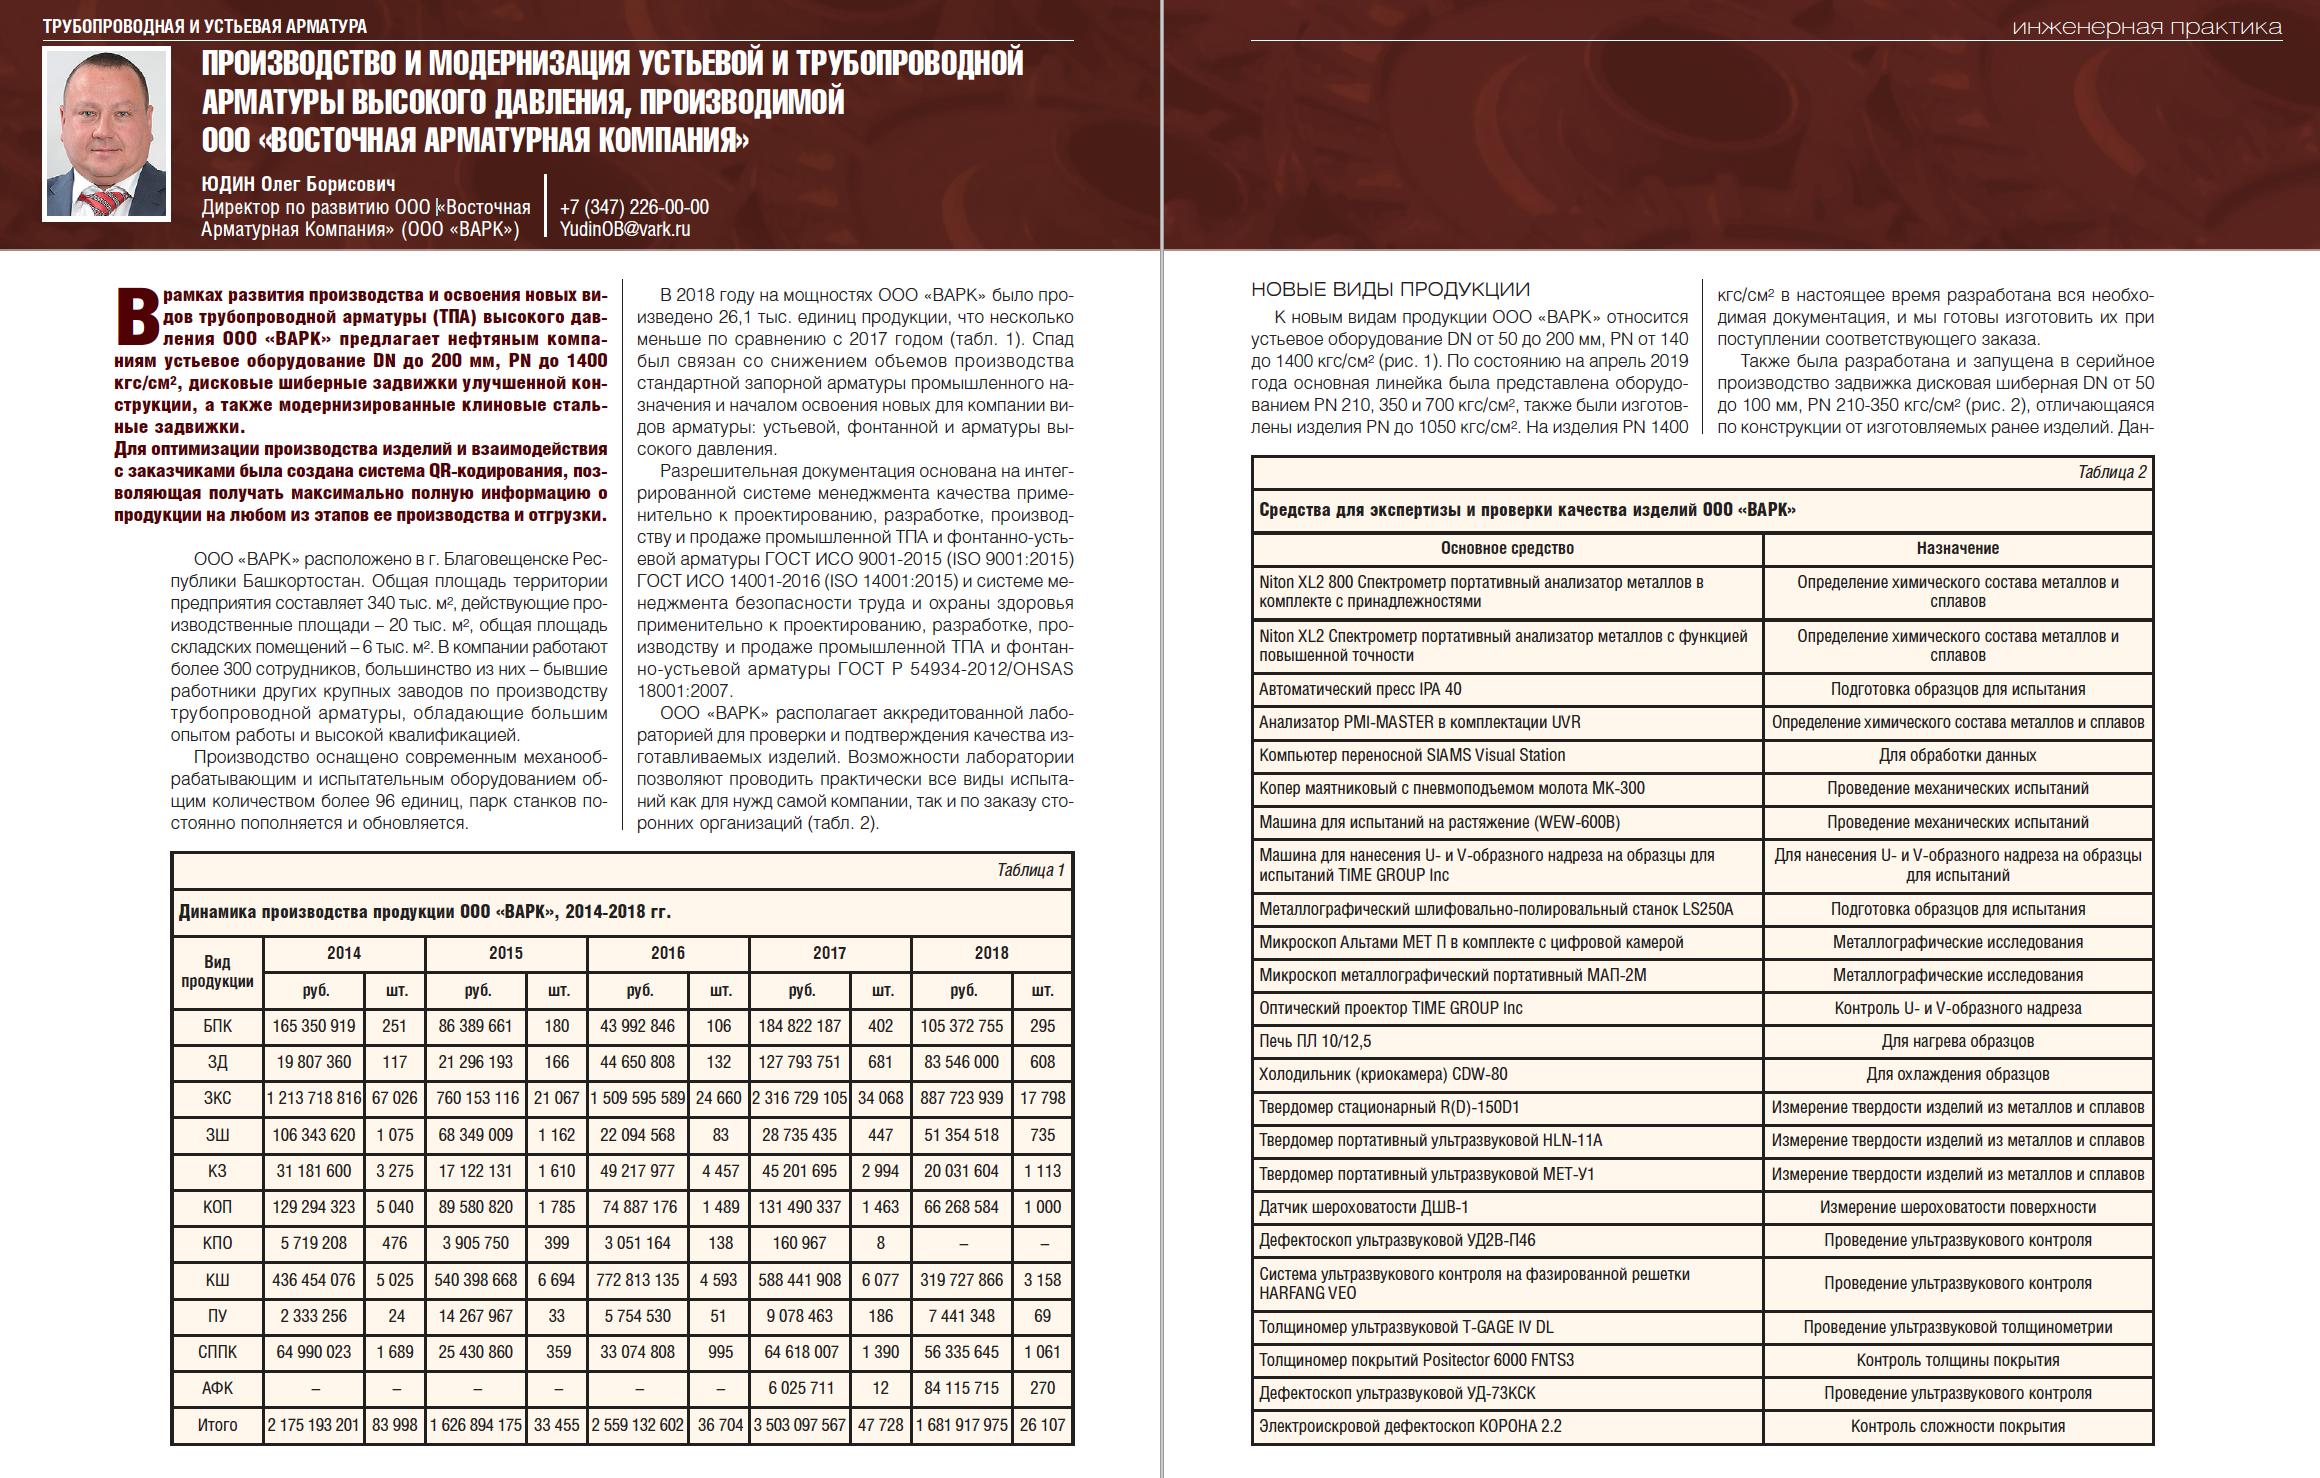 28912 Производство и модернизация устьевой и трубопроводной арматуры высокого давления, производимой ООО «Восточная арматурная компания»